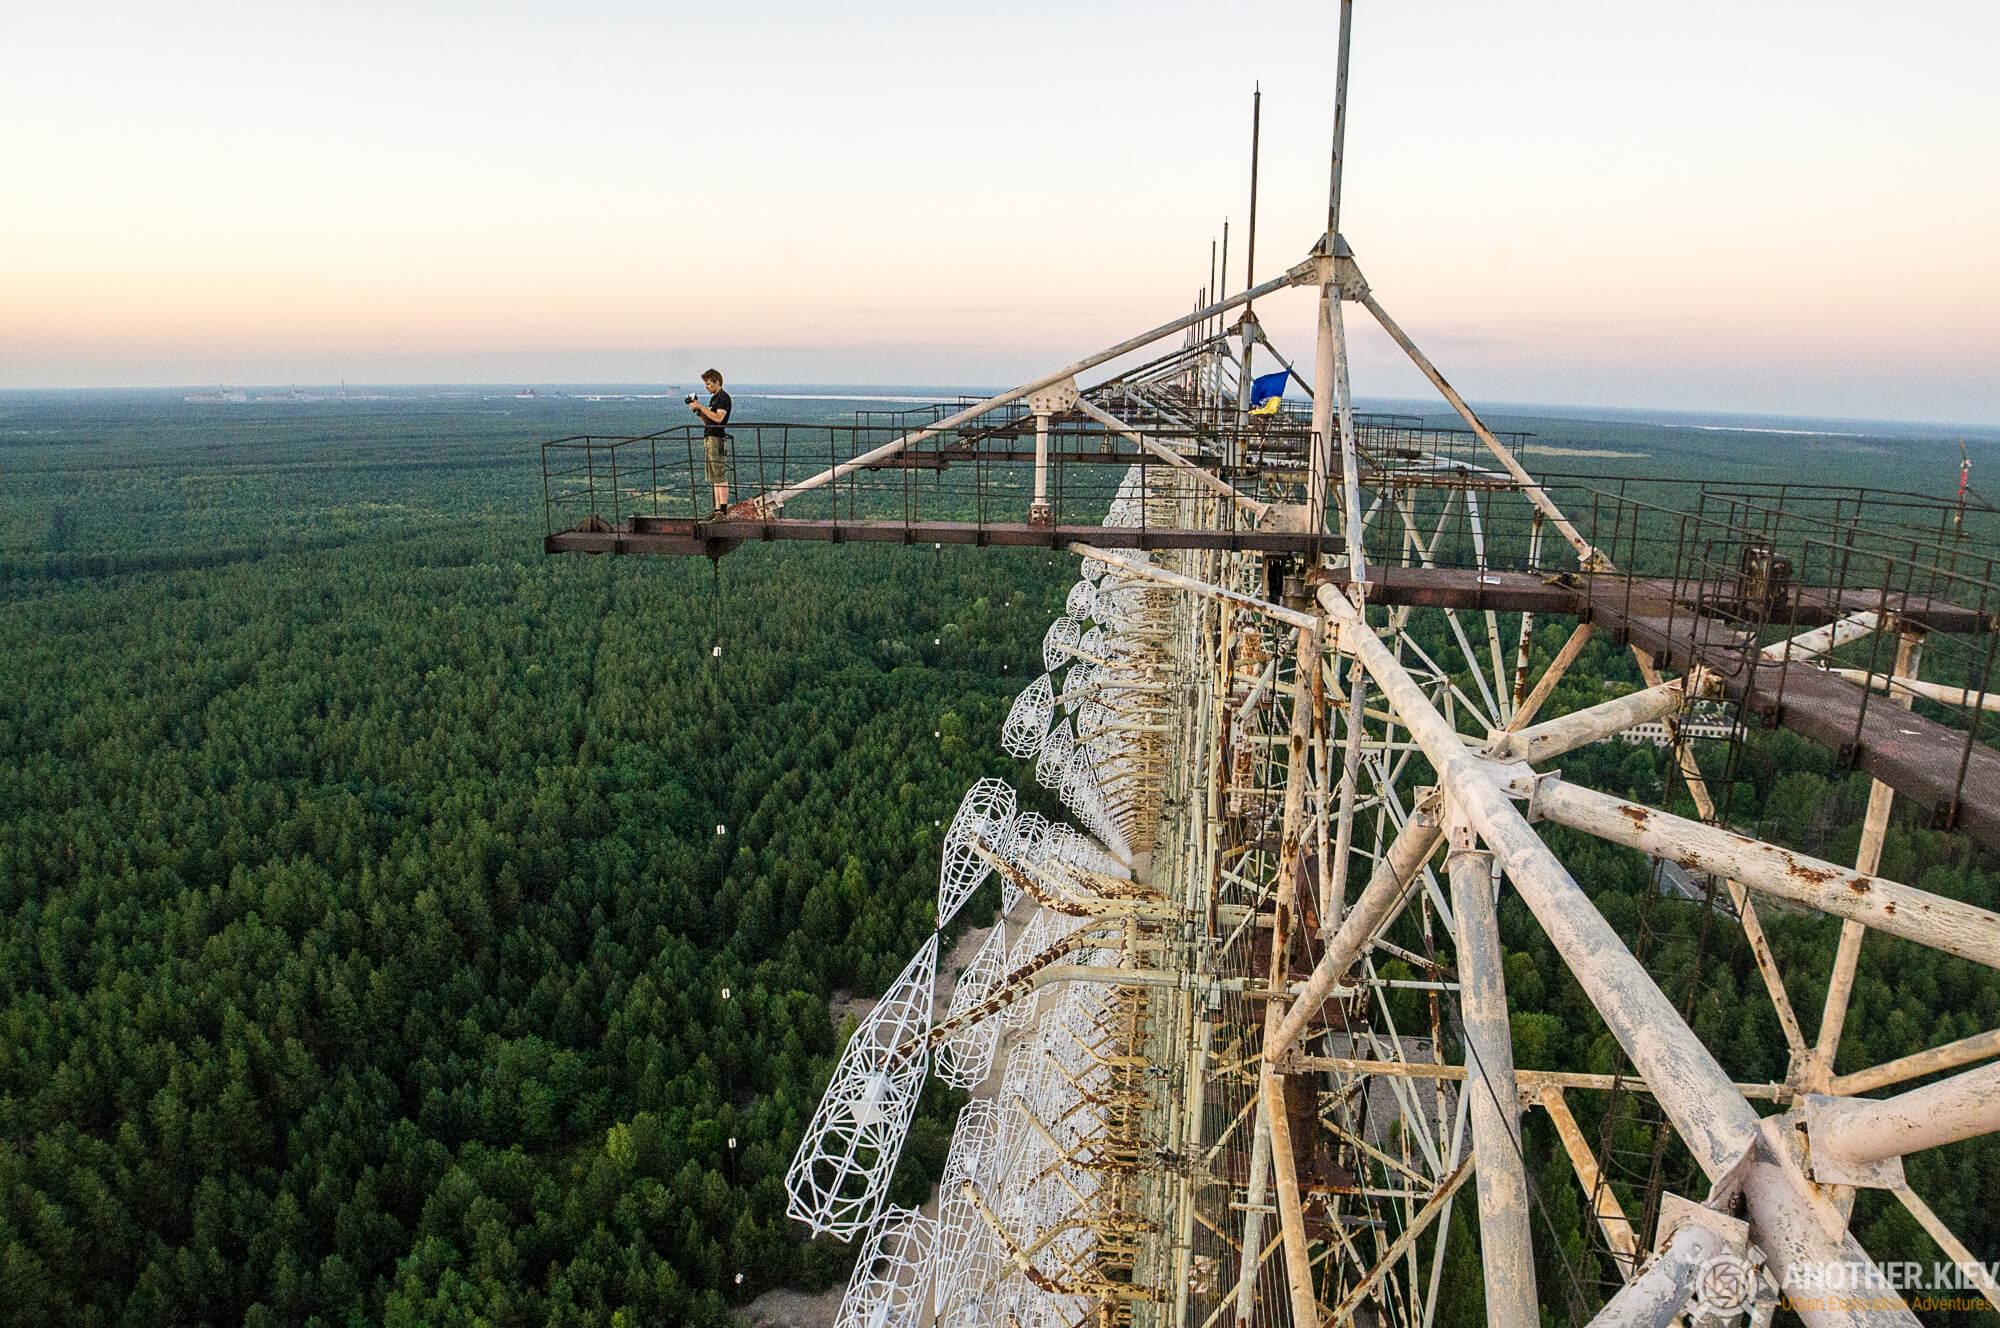 stalker-tour_IGP1438 CHERNOBYL EXPLORATION TOUR